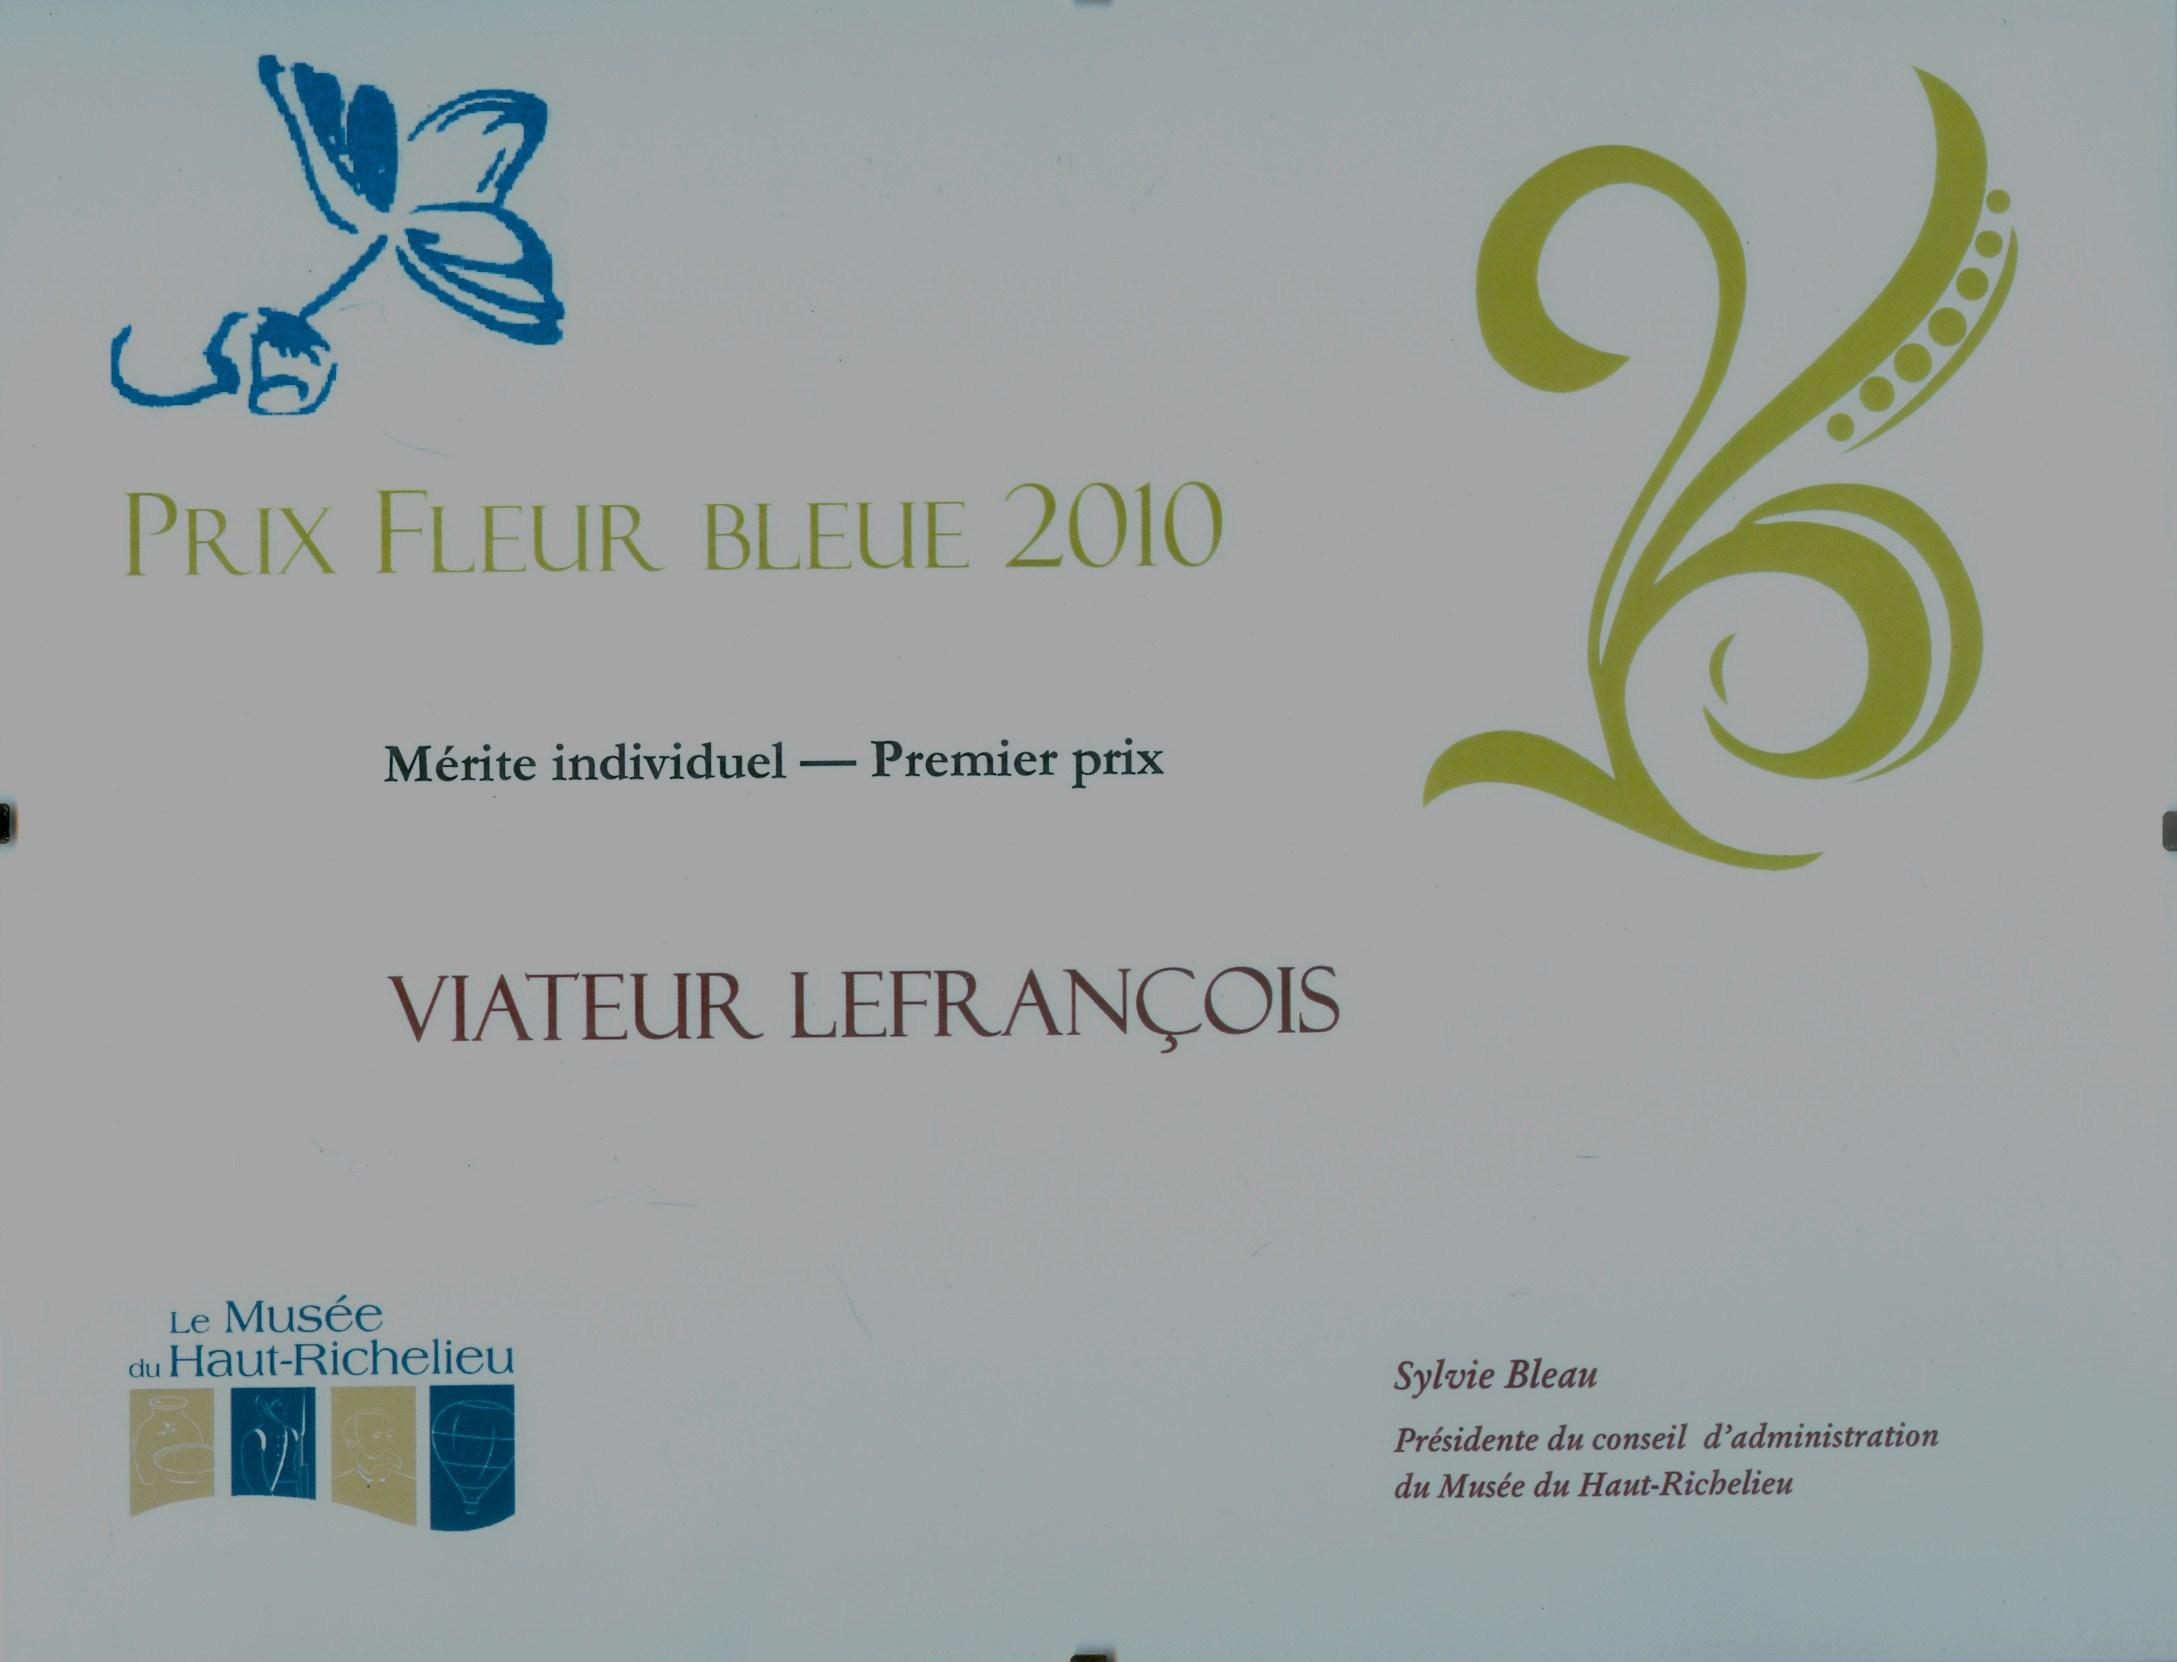 Prix Fleur bleue